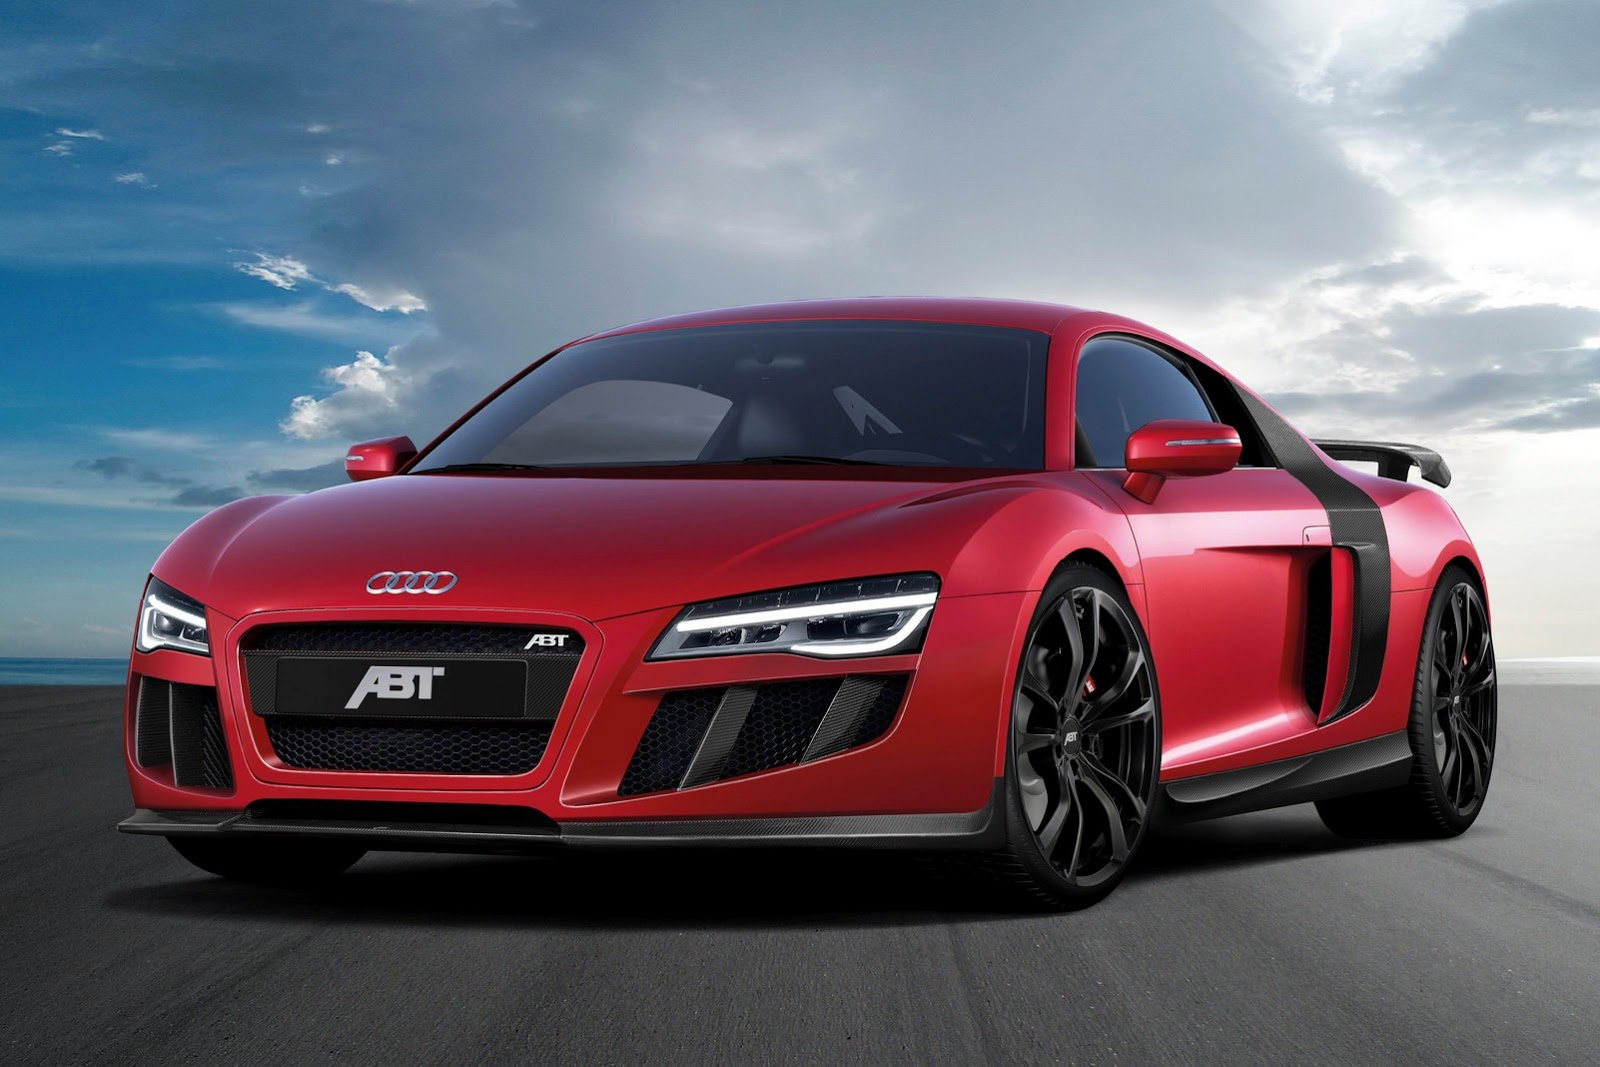 El preparado ABT alemán, inyecta más potencia, modifica la aerodinámica y reduce el peso del Audi R8 V10 para hacerlo mas radical y ofrecer unas prestaciones de maxi deportivo.